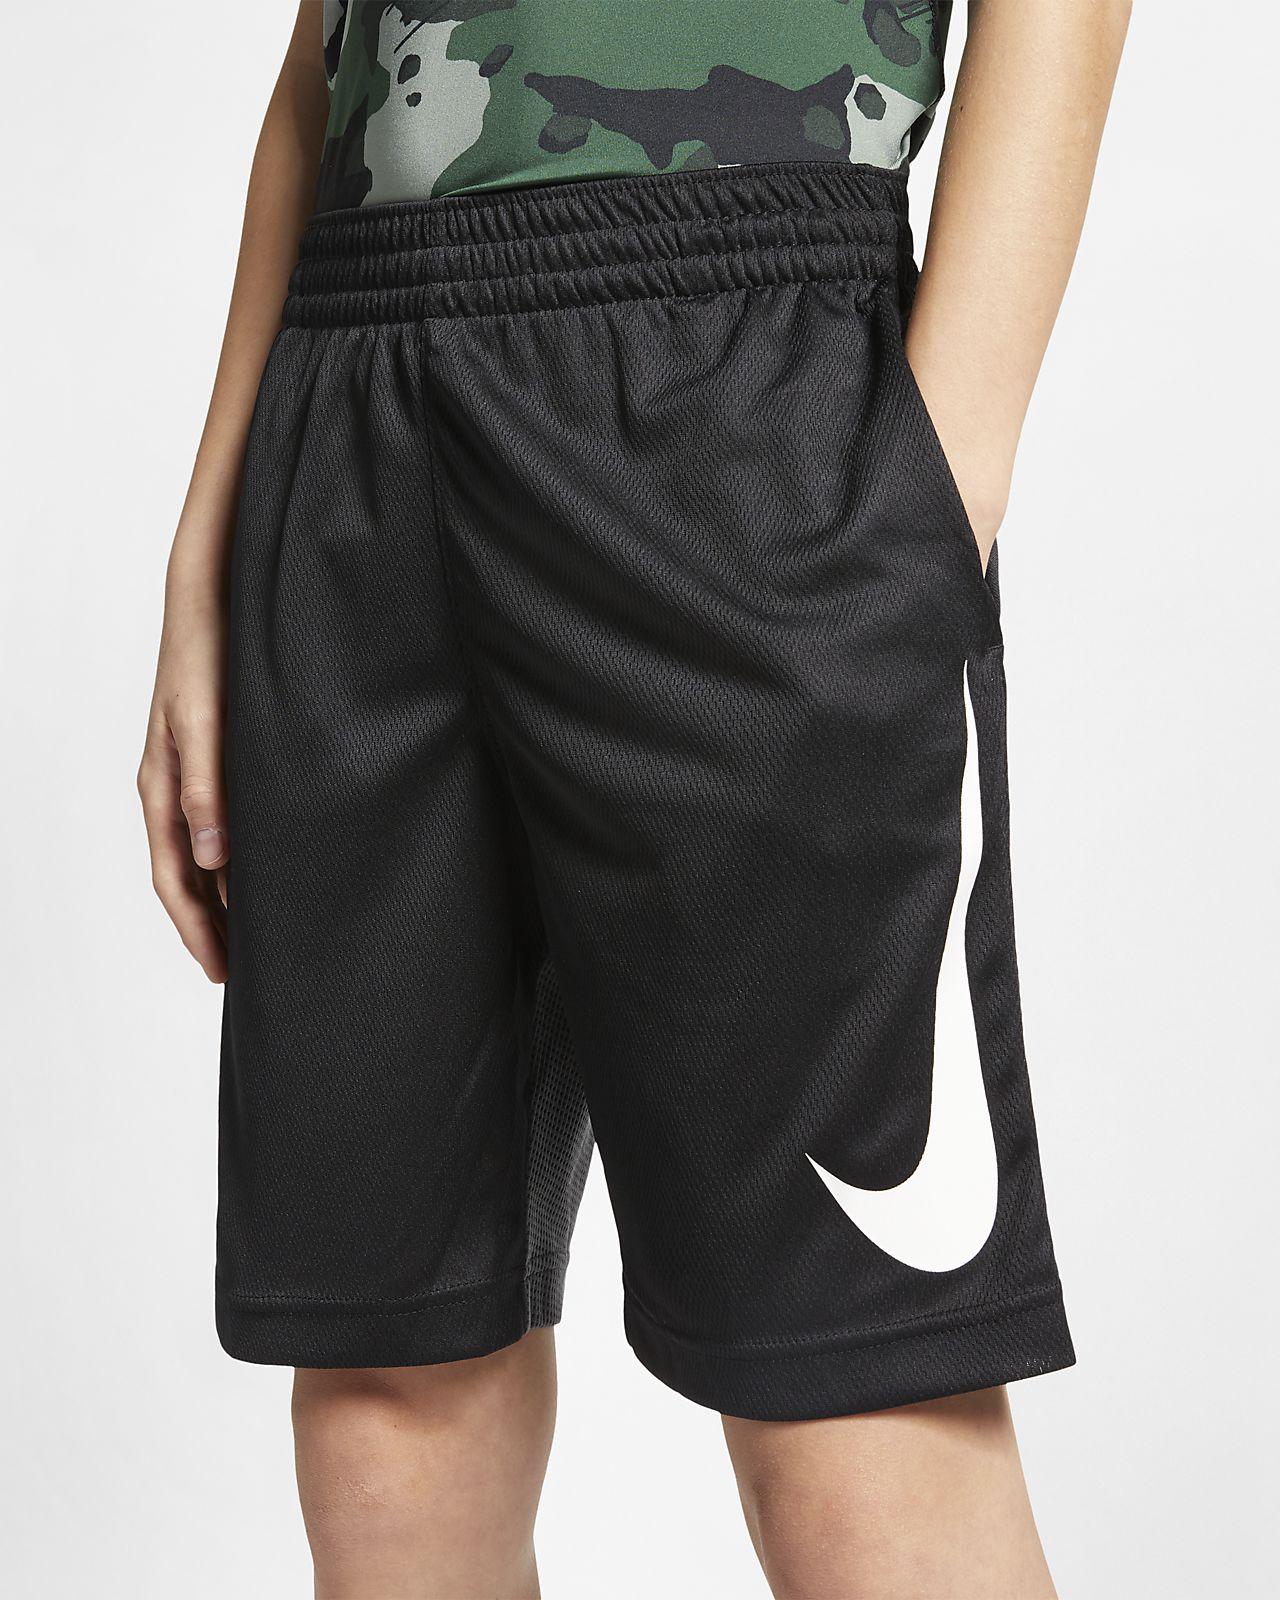 Σορτς μπάσκετ Nike Dri-FIT για μεγάλα αγόρια